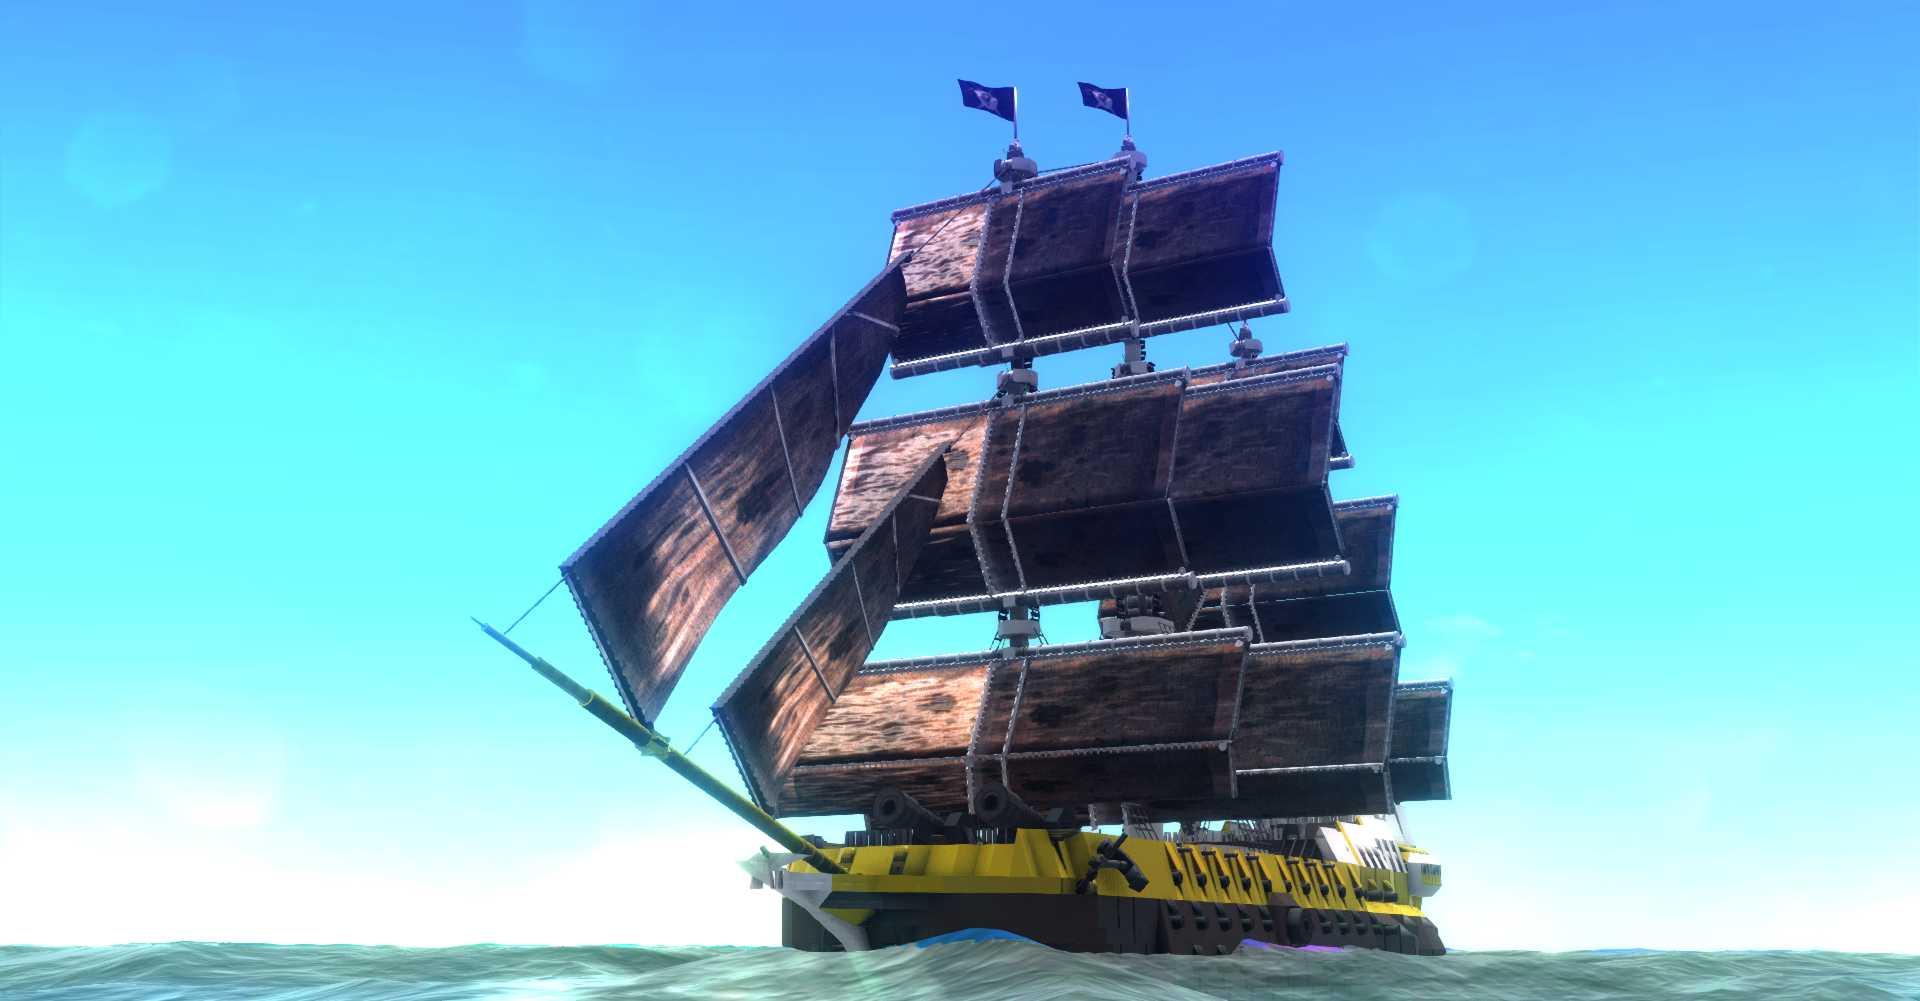 …to sailing ships